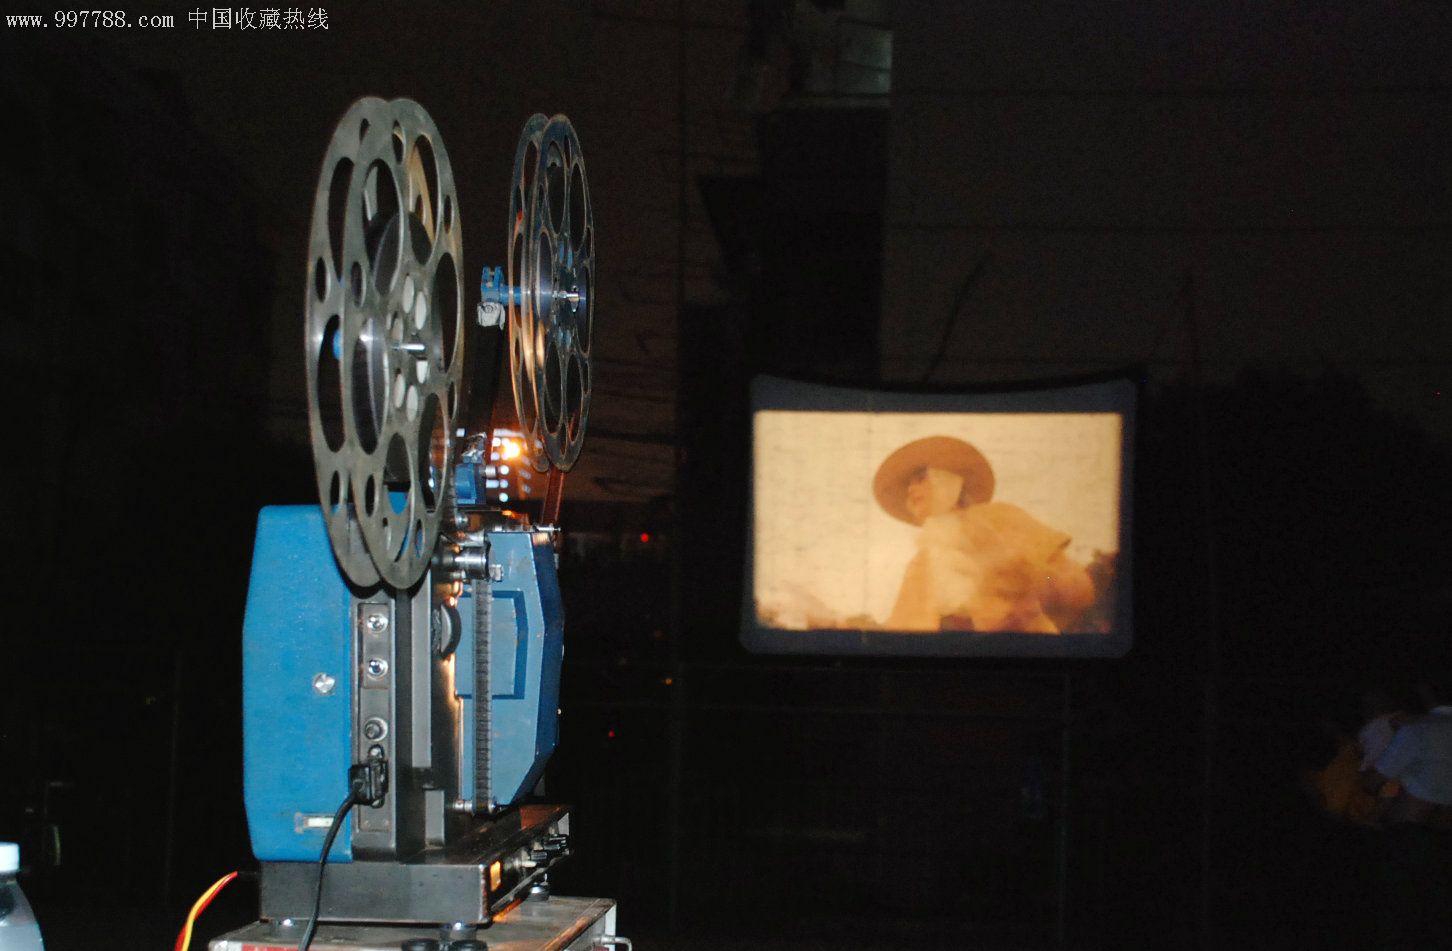 甘光小灯箱溴钨灯一体放映机-电影机/放映机--se-零售图片